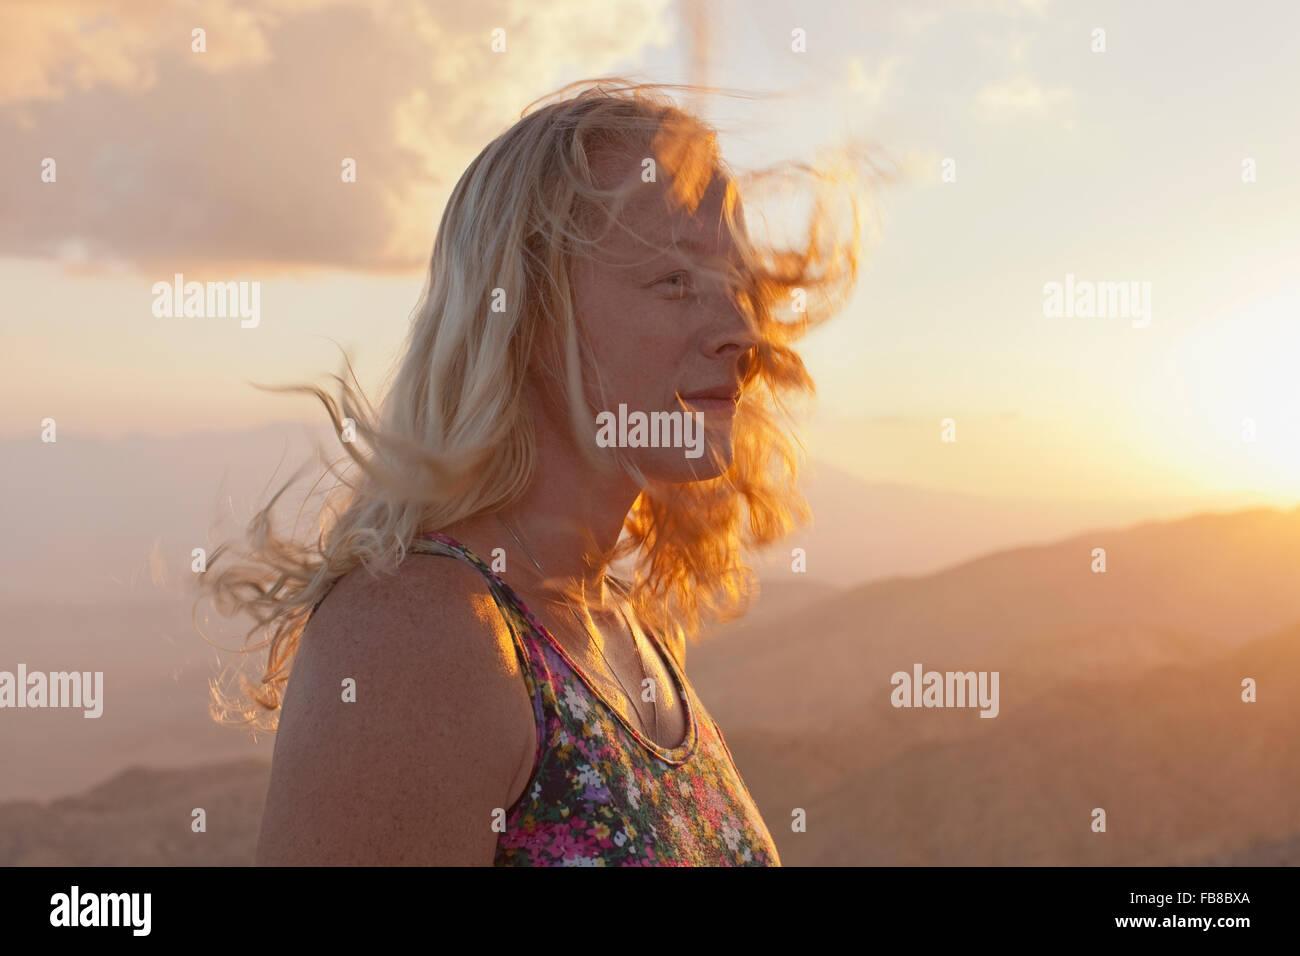 Stati Uniti, California, Joshua Tree National Park, il turista femminile relax nel paesaggio di montagna al tramonto Immagini Stock